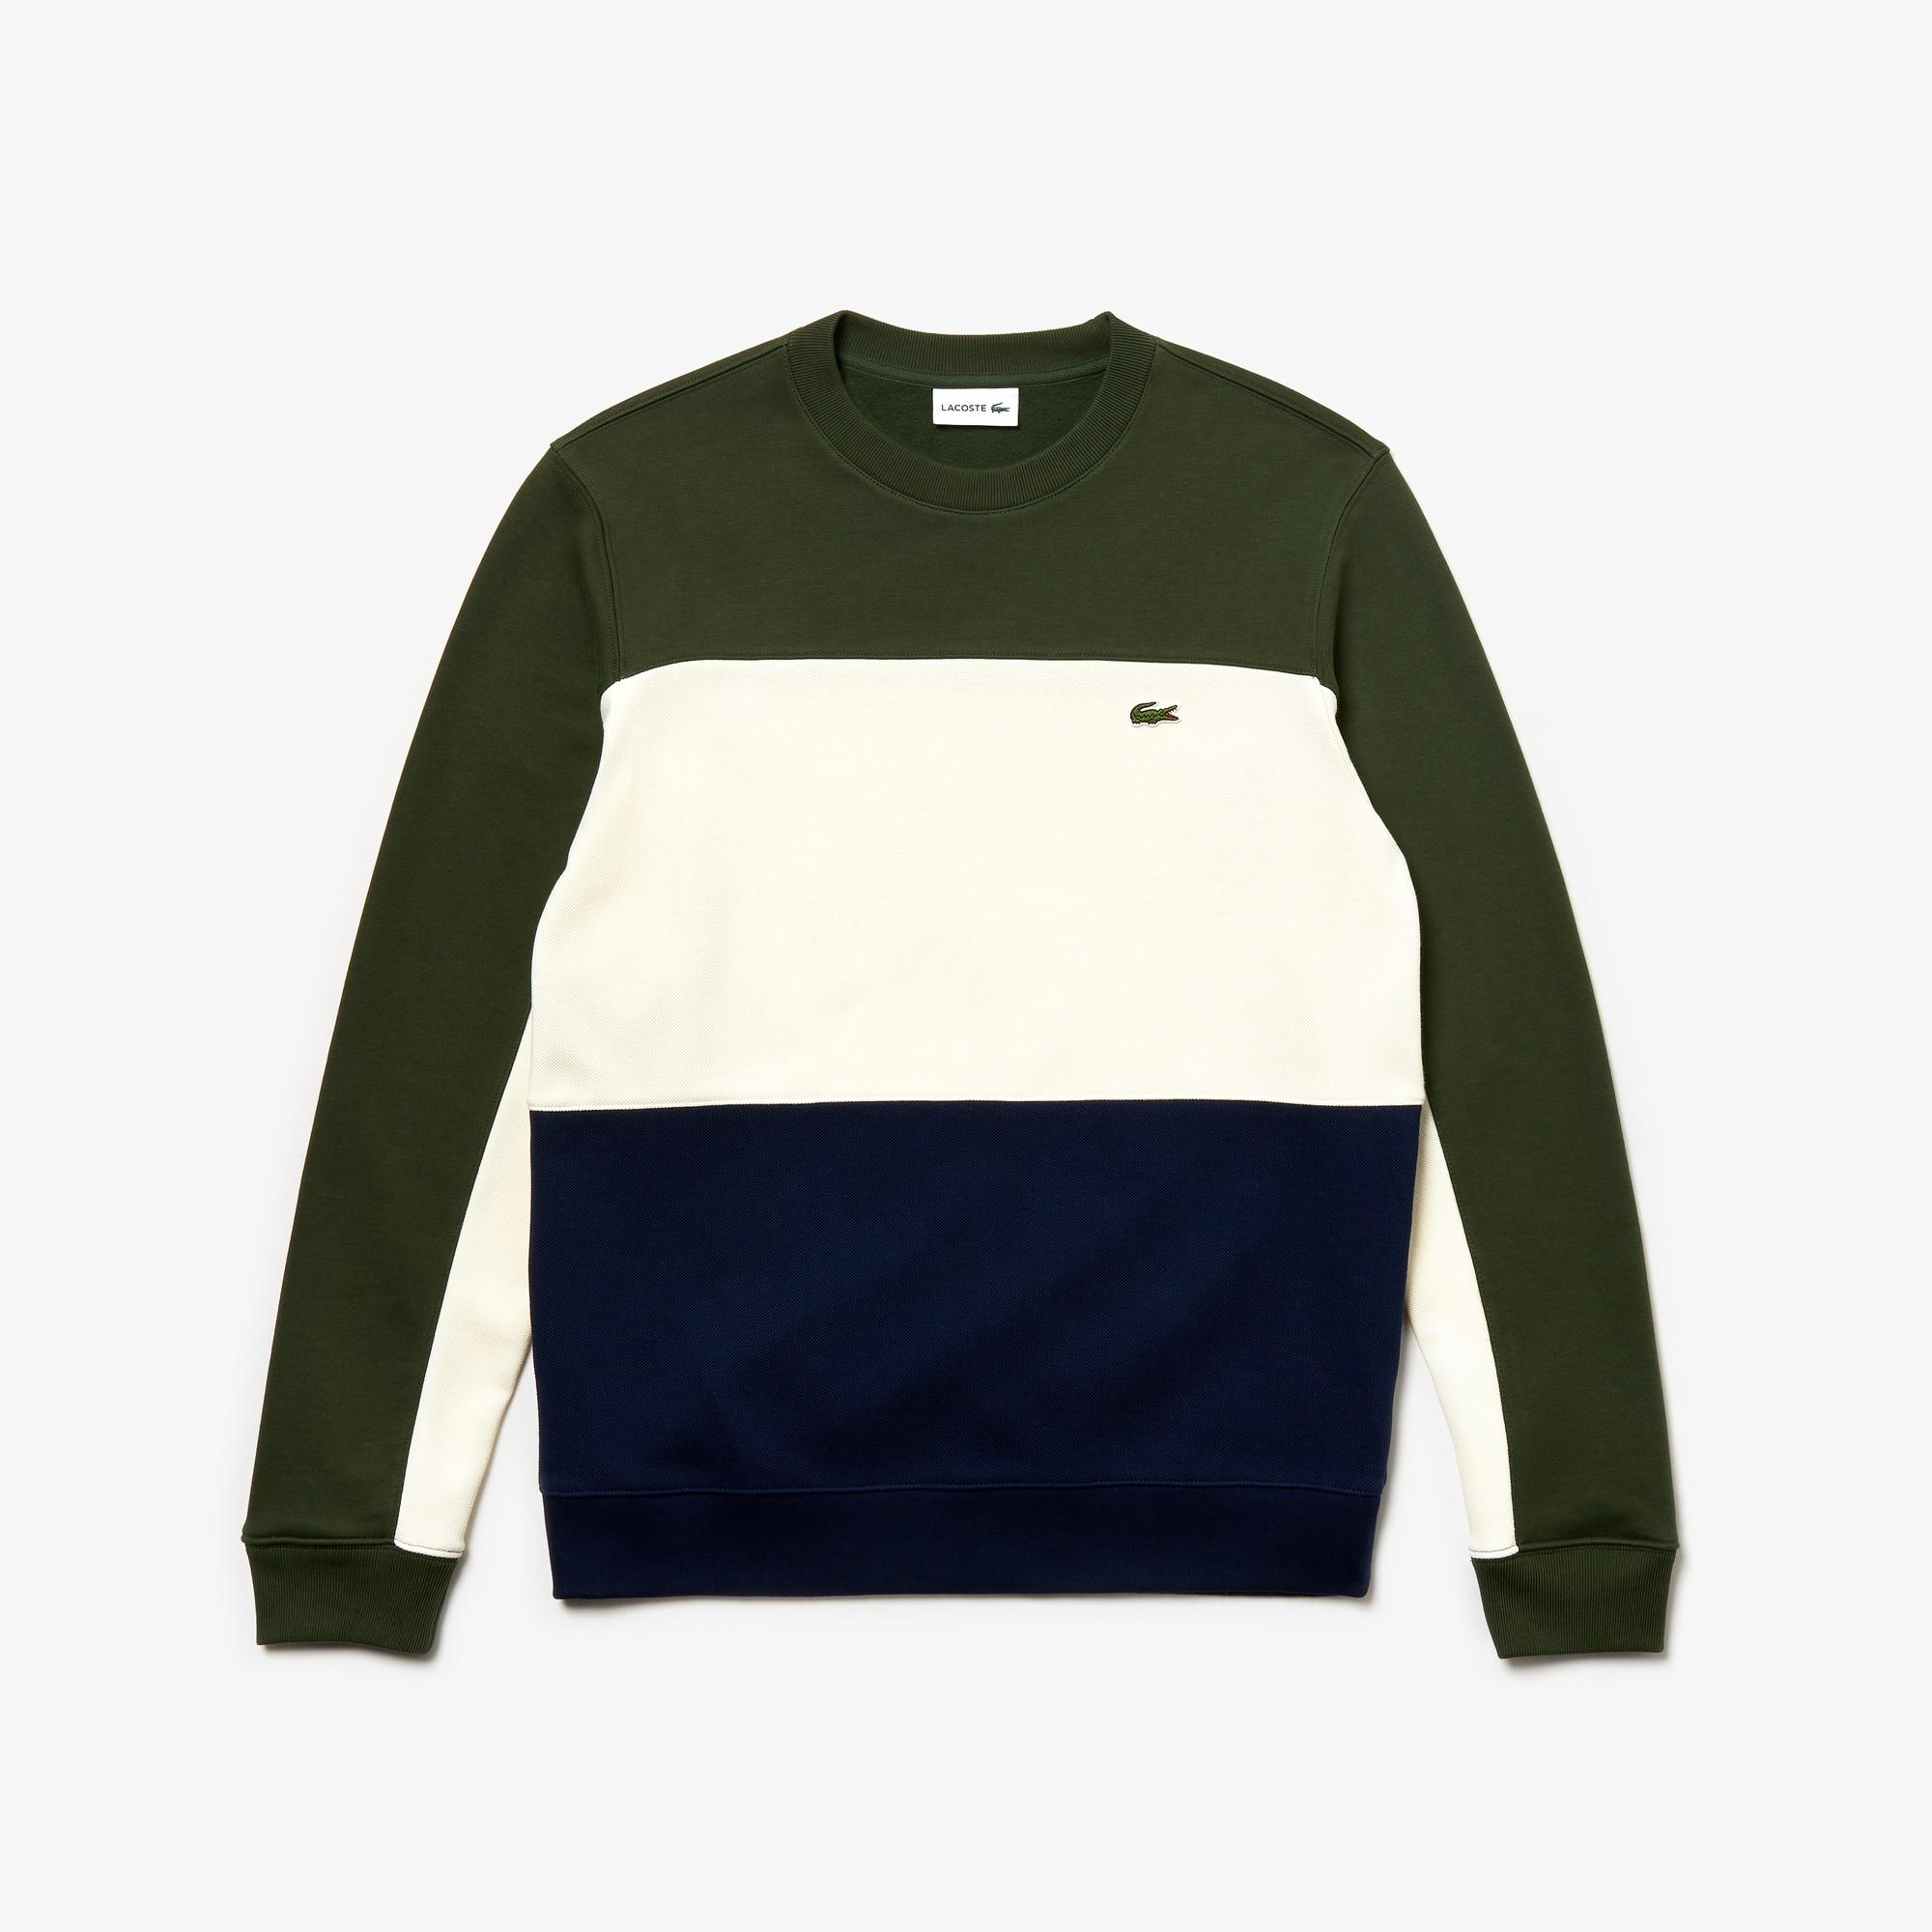 라코스테 Lacoste Mens Crew Neck Colorblock Pique Fleece Sweatshirt,navy blue / white / khaki green